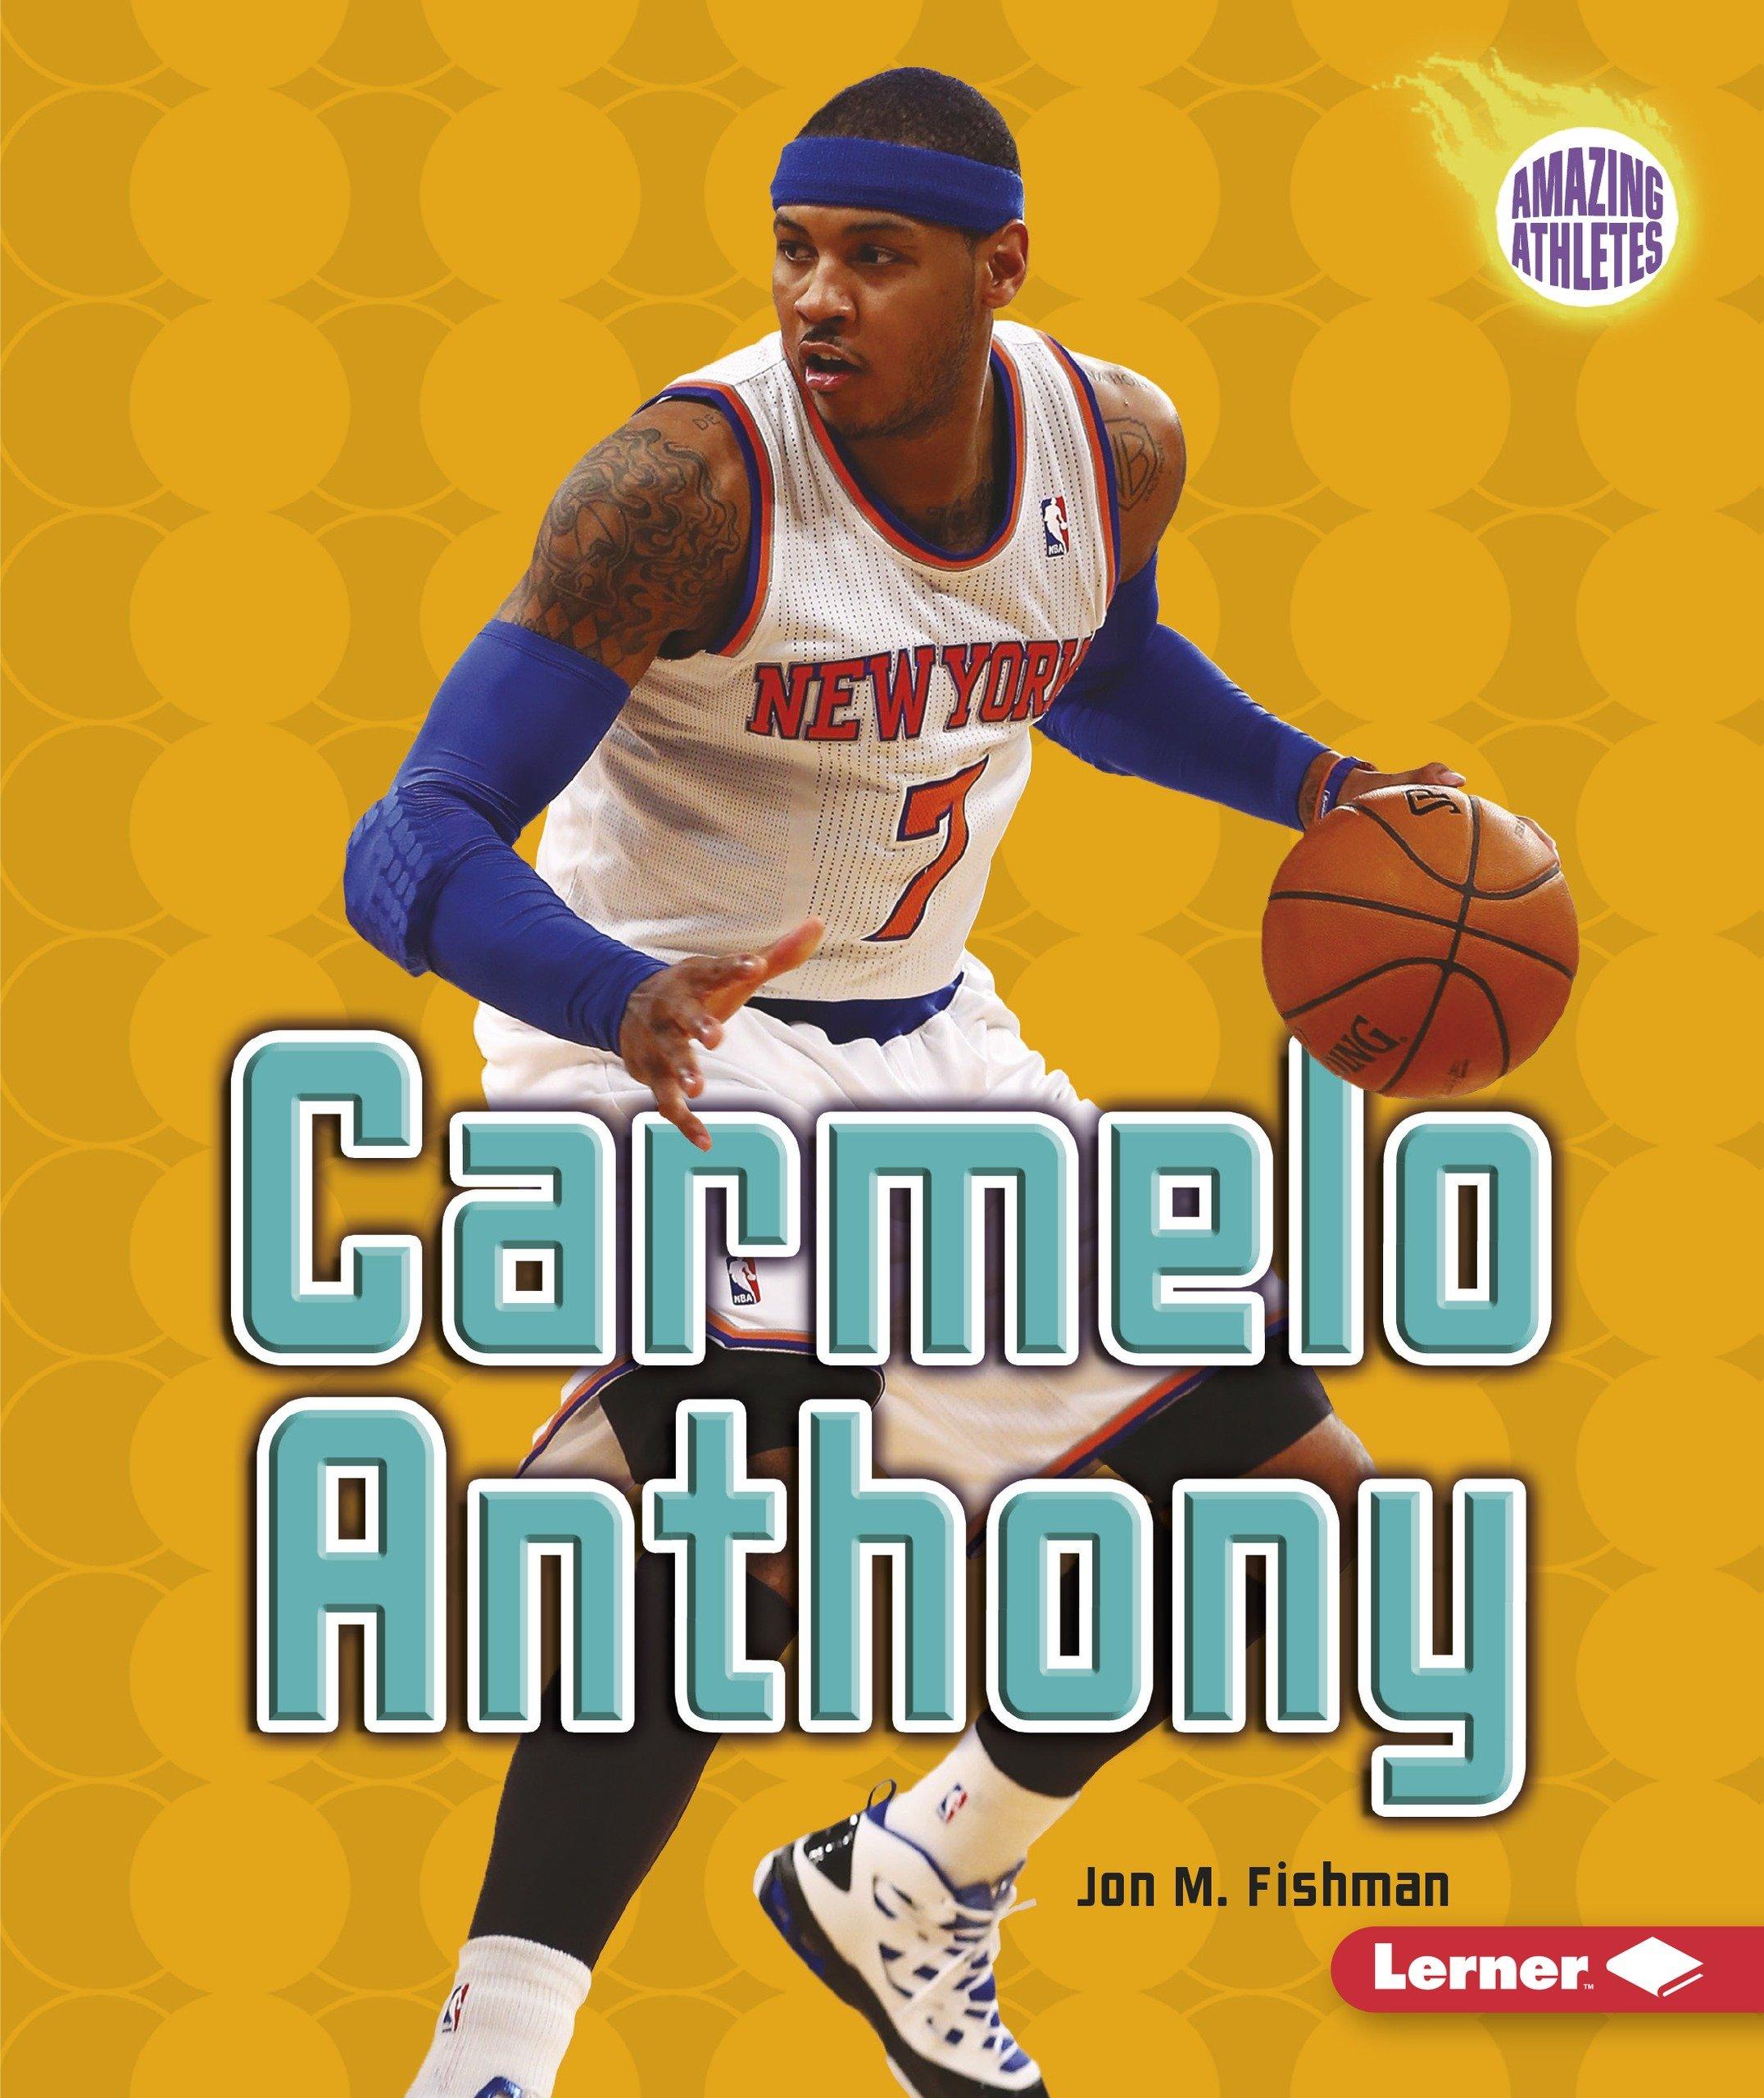 Carmelo Anthony (Amazing Athletes)